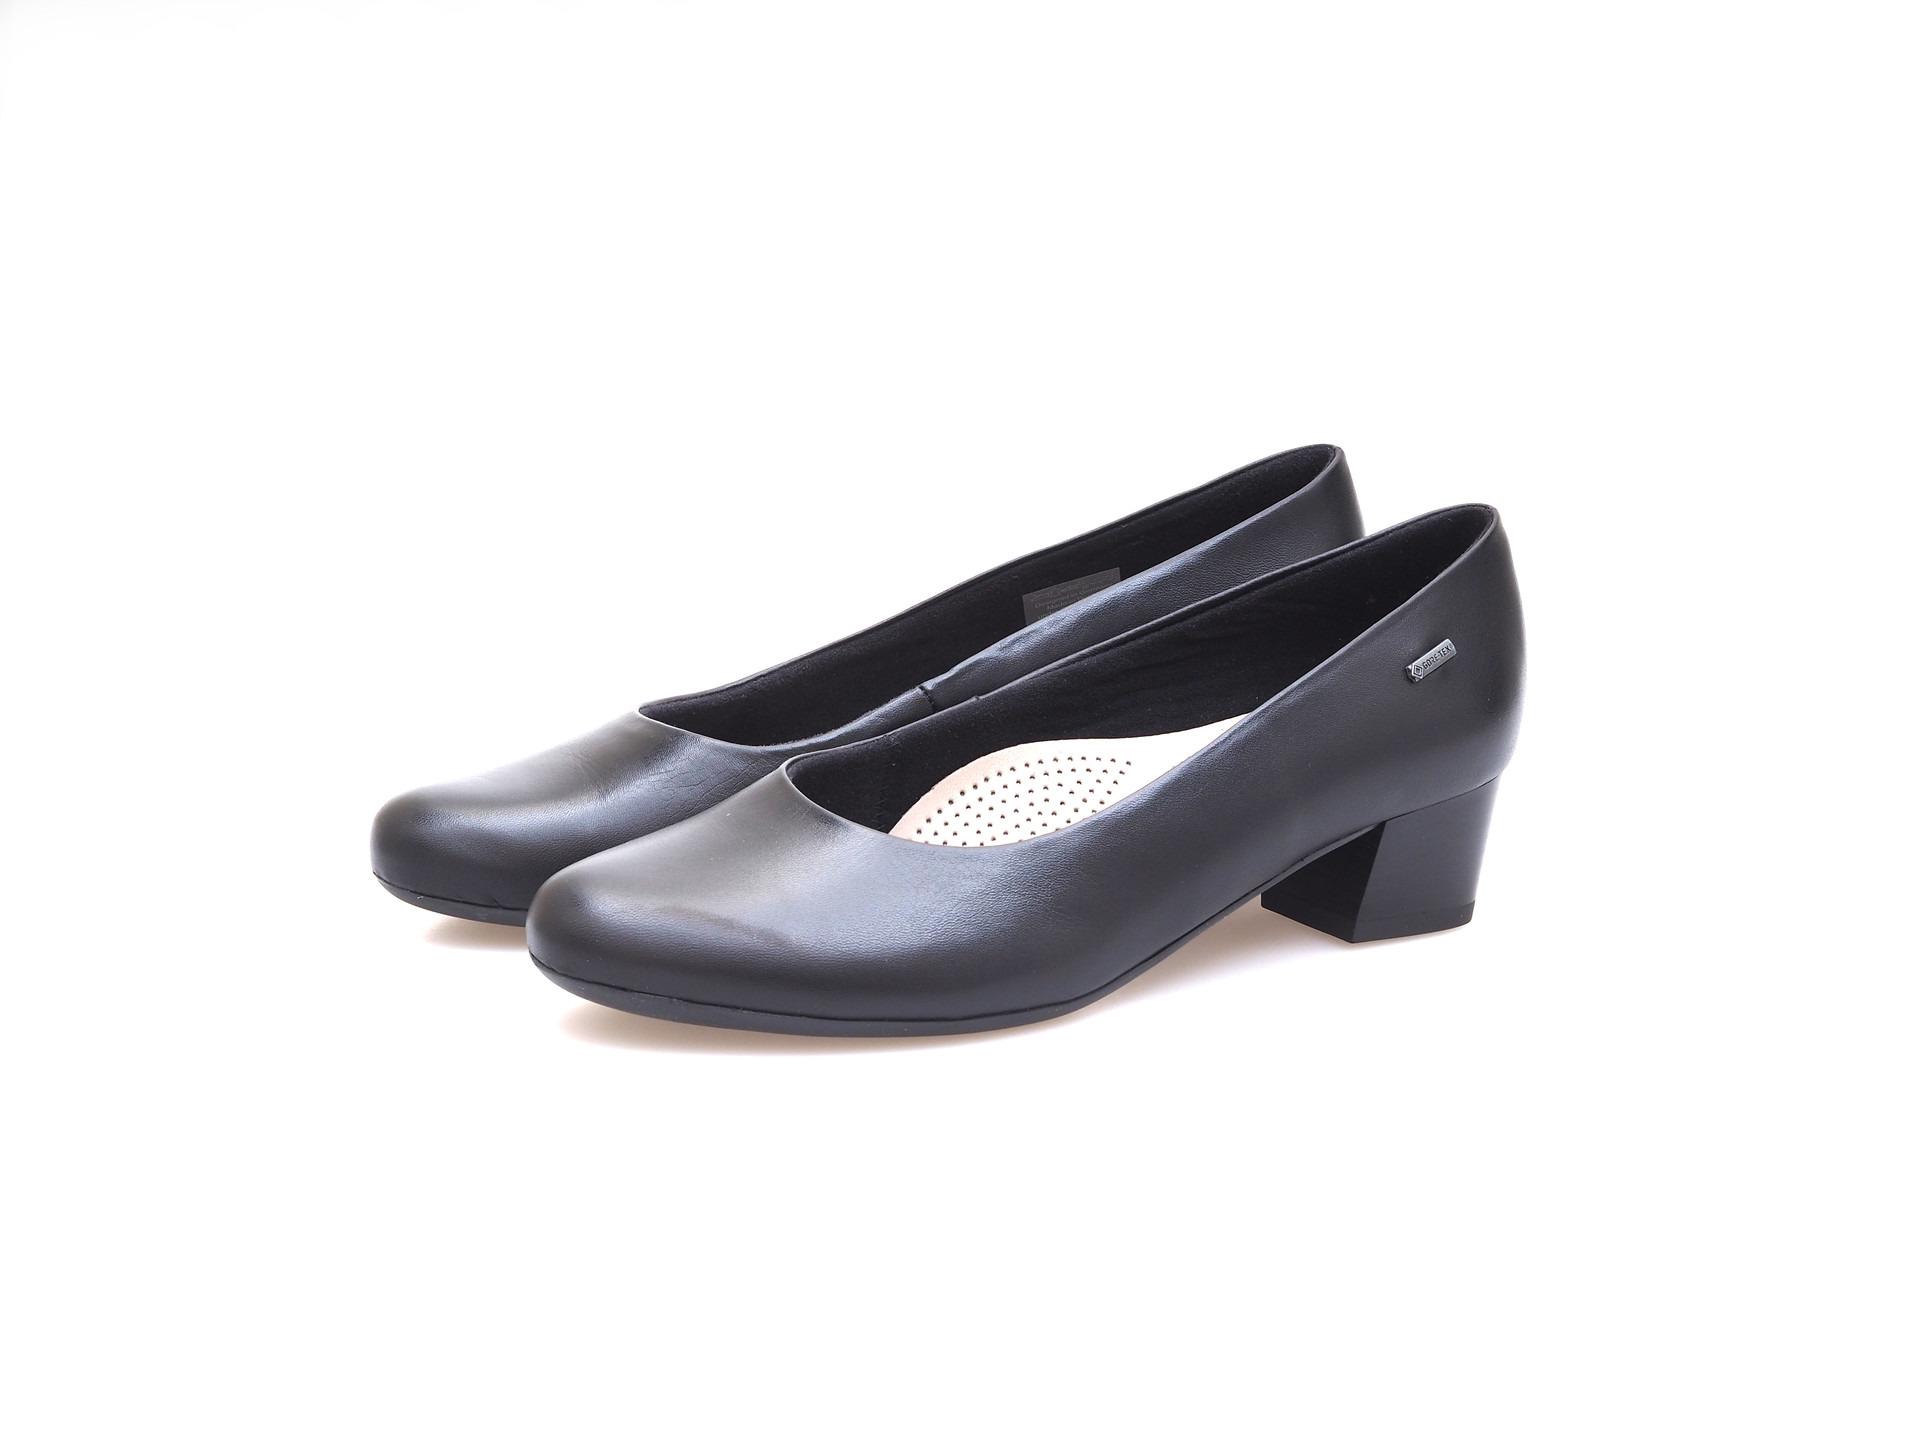 ca5e692a61 Soňa - Dámska obuv - Lodičky - Čierne dámske lodičky na nízkom ...